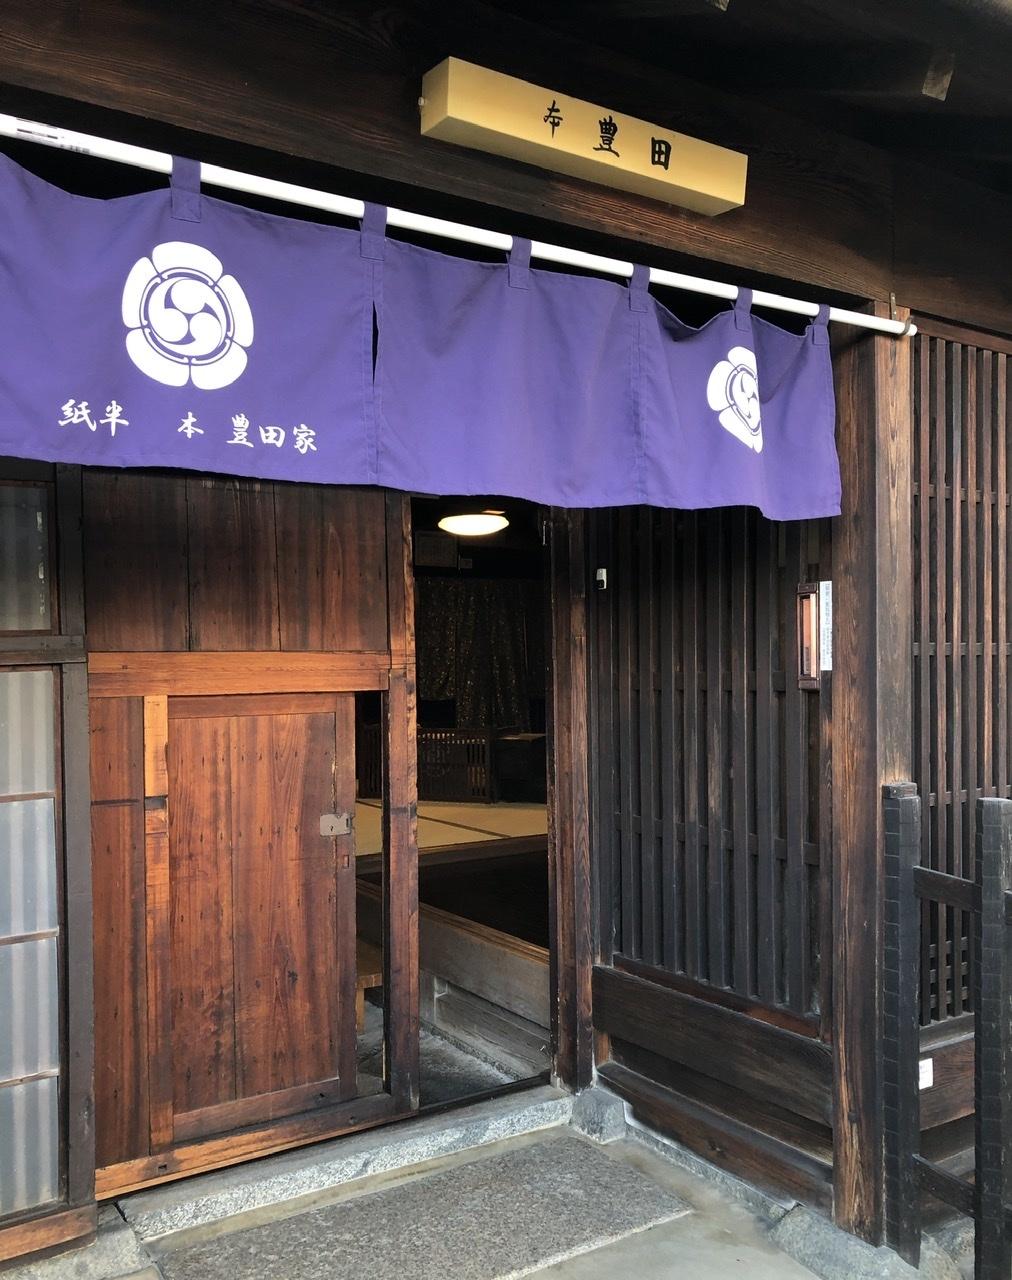 奈良の旅 13 江戸の街並みが美しい橿原市今井町 その2_a0092659_11303138.jpeg